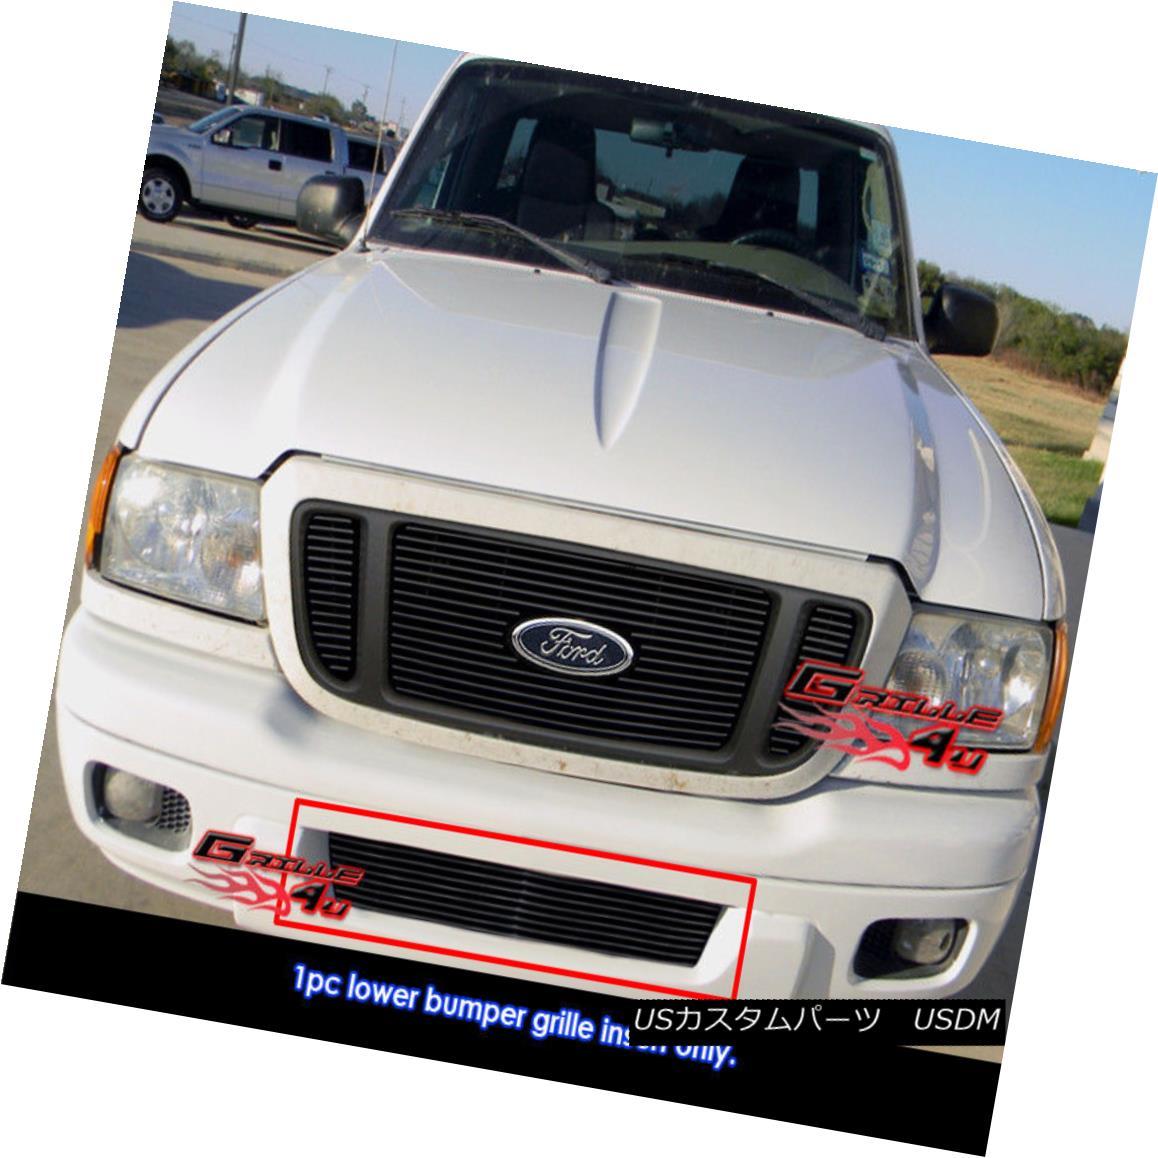 グリル Fits 04-05 Ford Ranger Lower Bumper Black Billet Grille Insert フィット04-05フォードレンジャーロワーバンパーブラックビレットグリルインサート